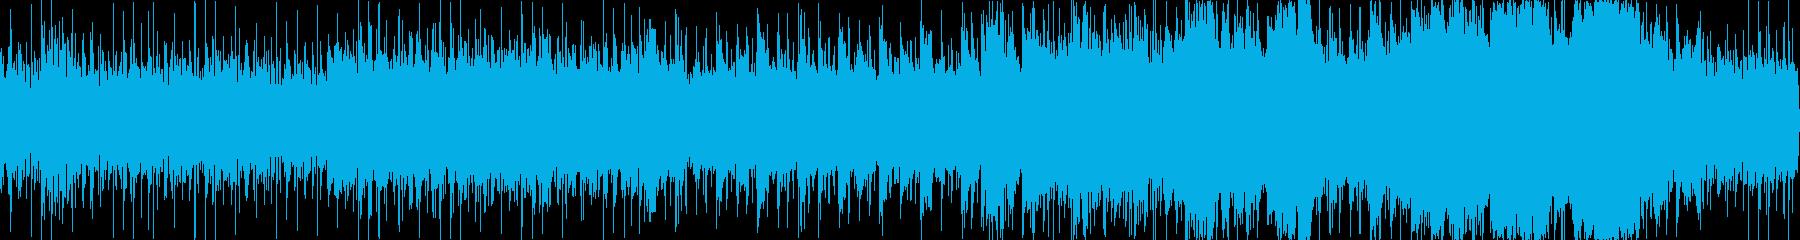 戦闘フィールド風オーケストラの再生済みの波形